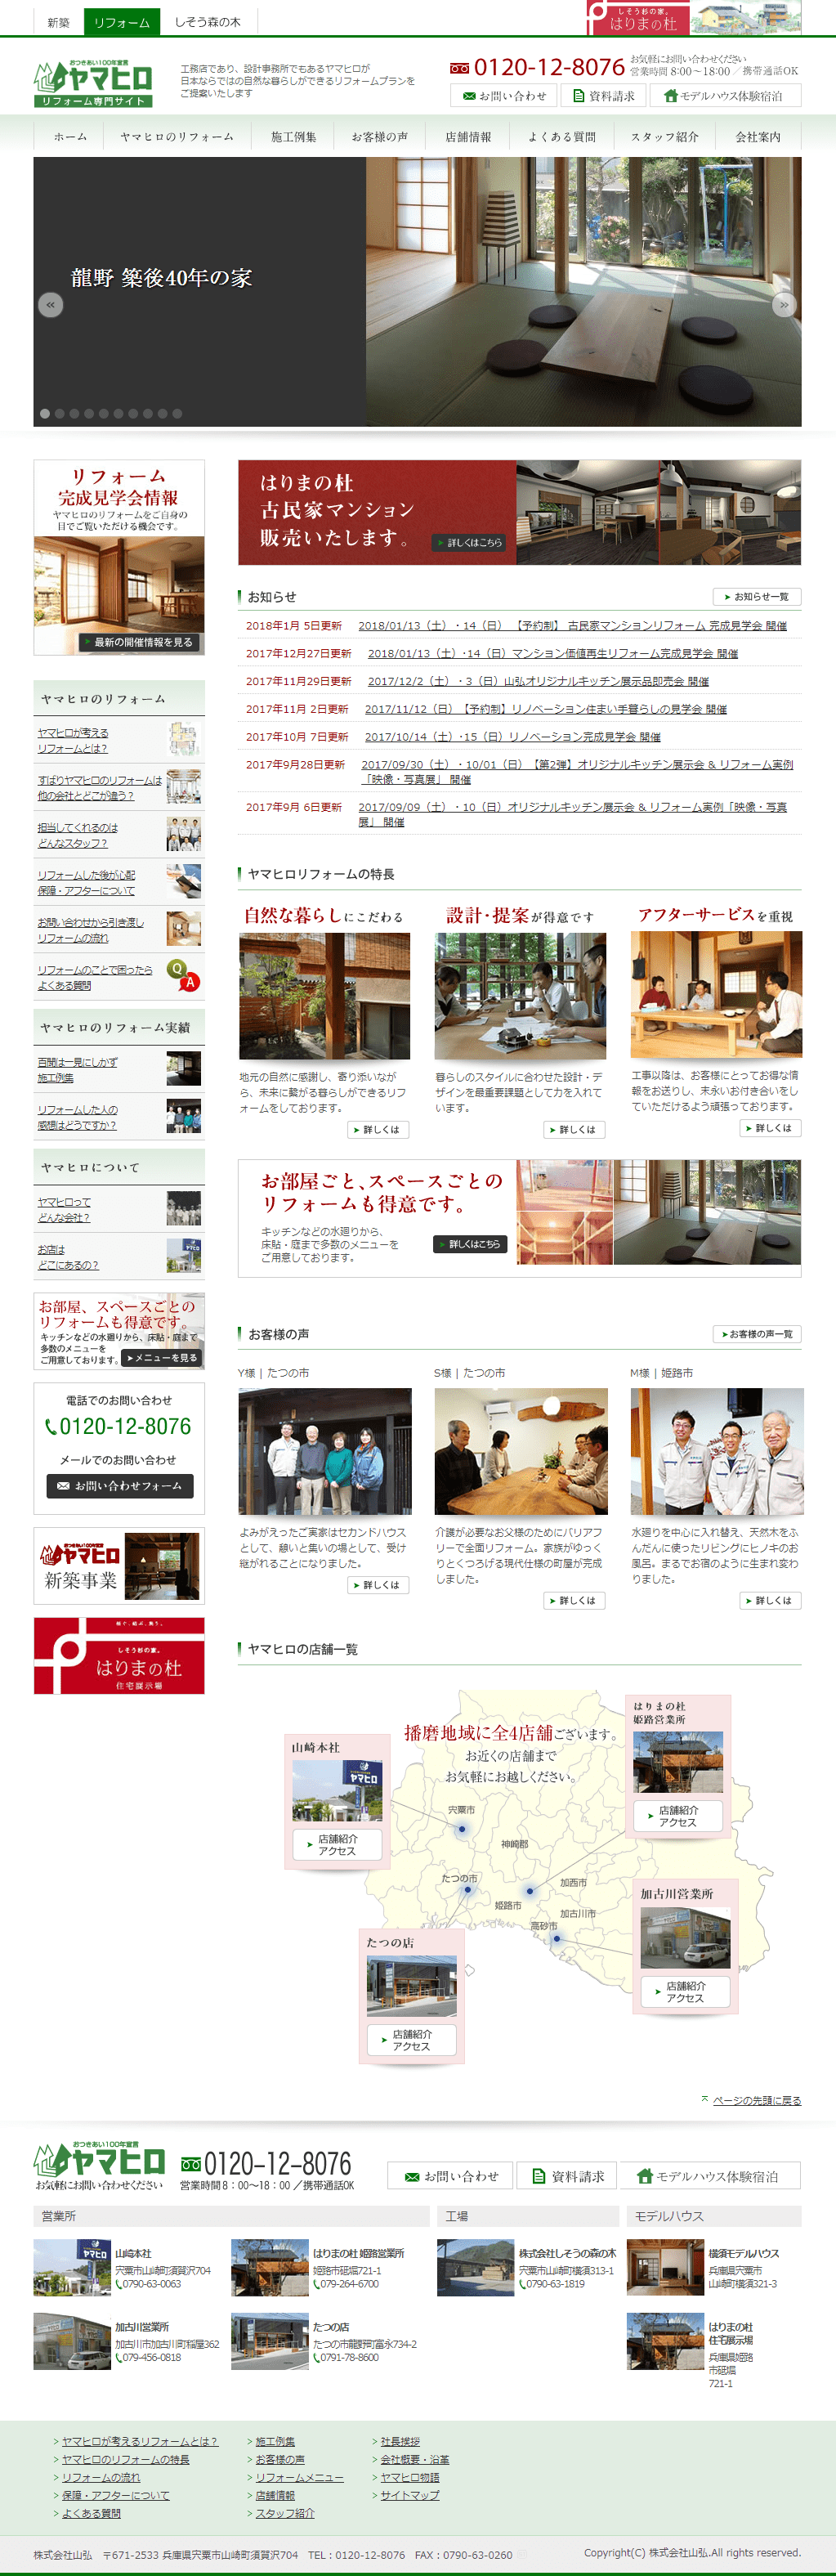 宍粟市 株式会社山弘様 ホームページ制作1